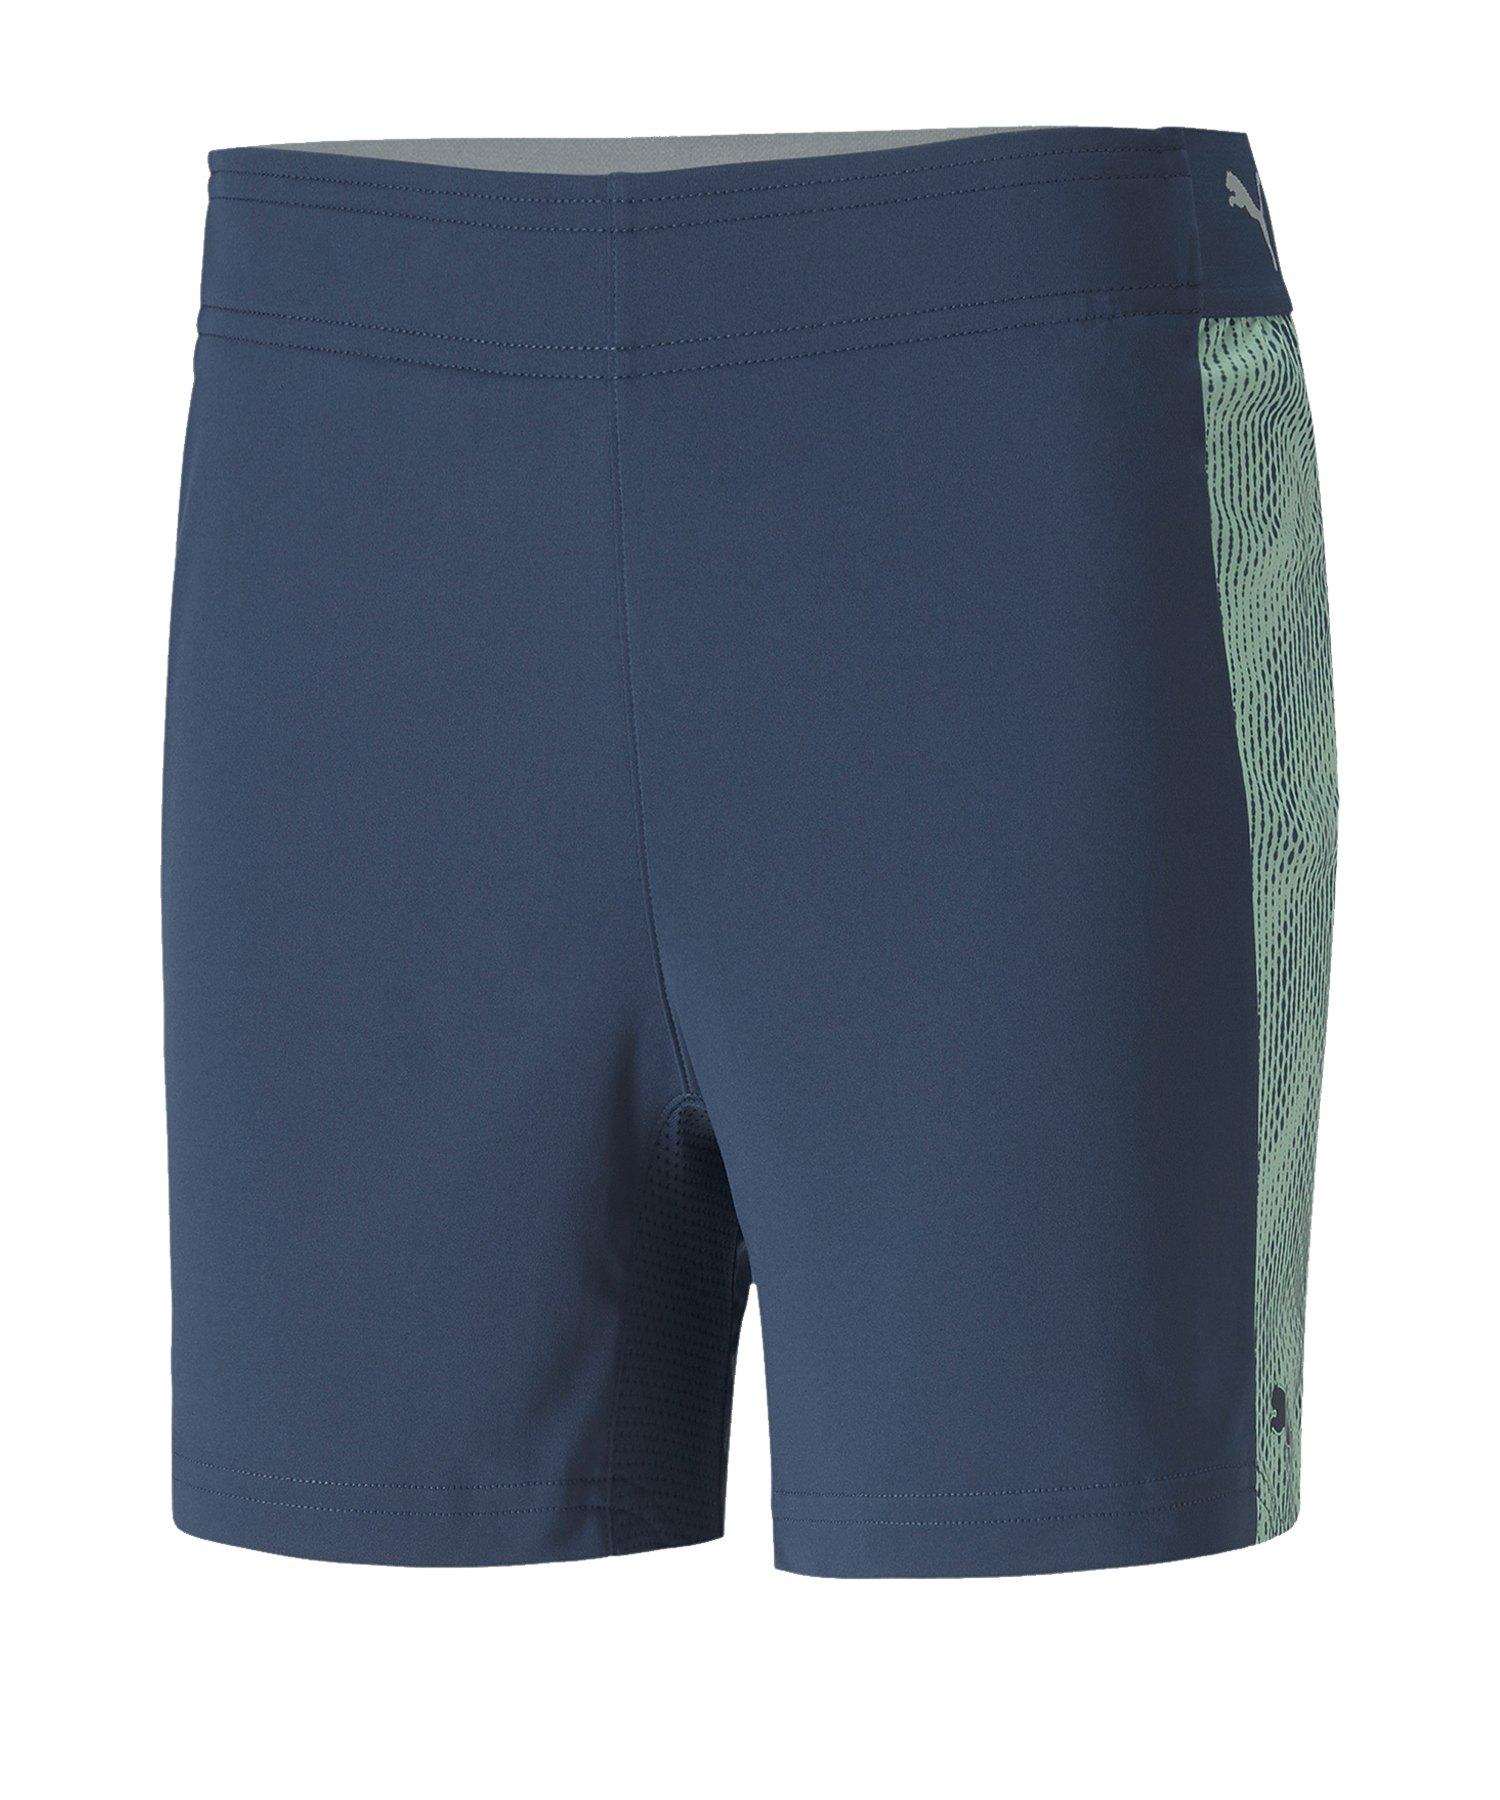 PUMA ftblNXT Short Damen Blau F01 - blau